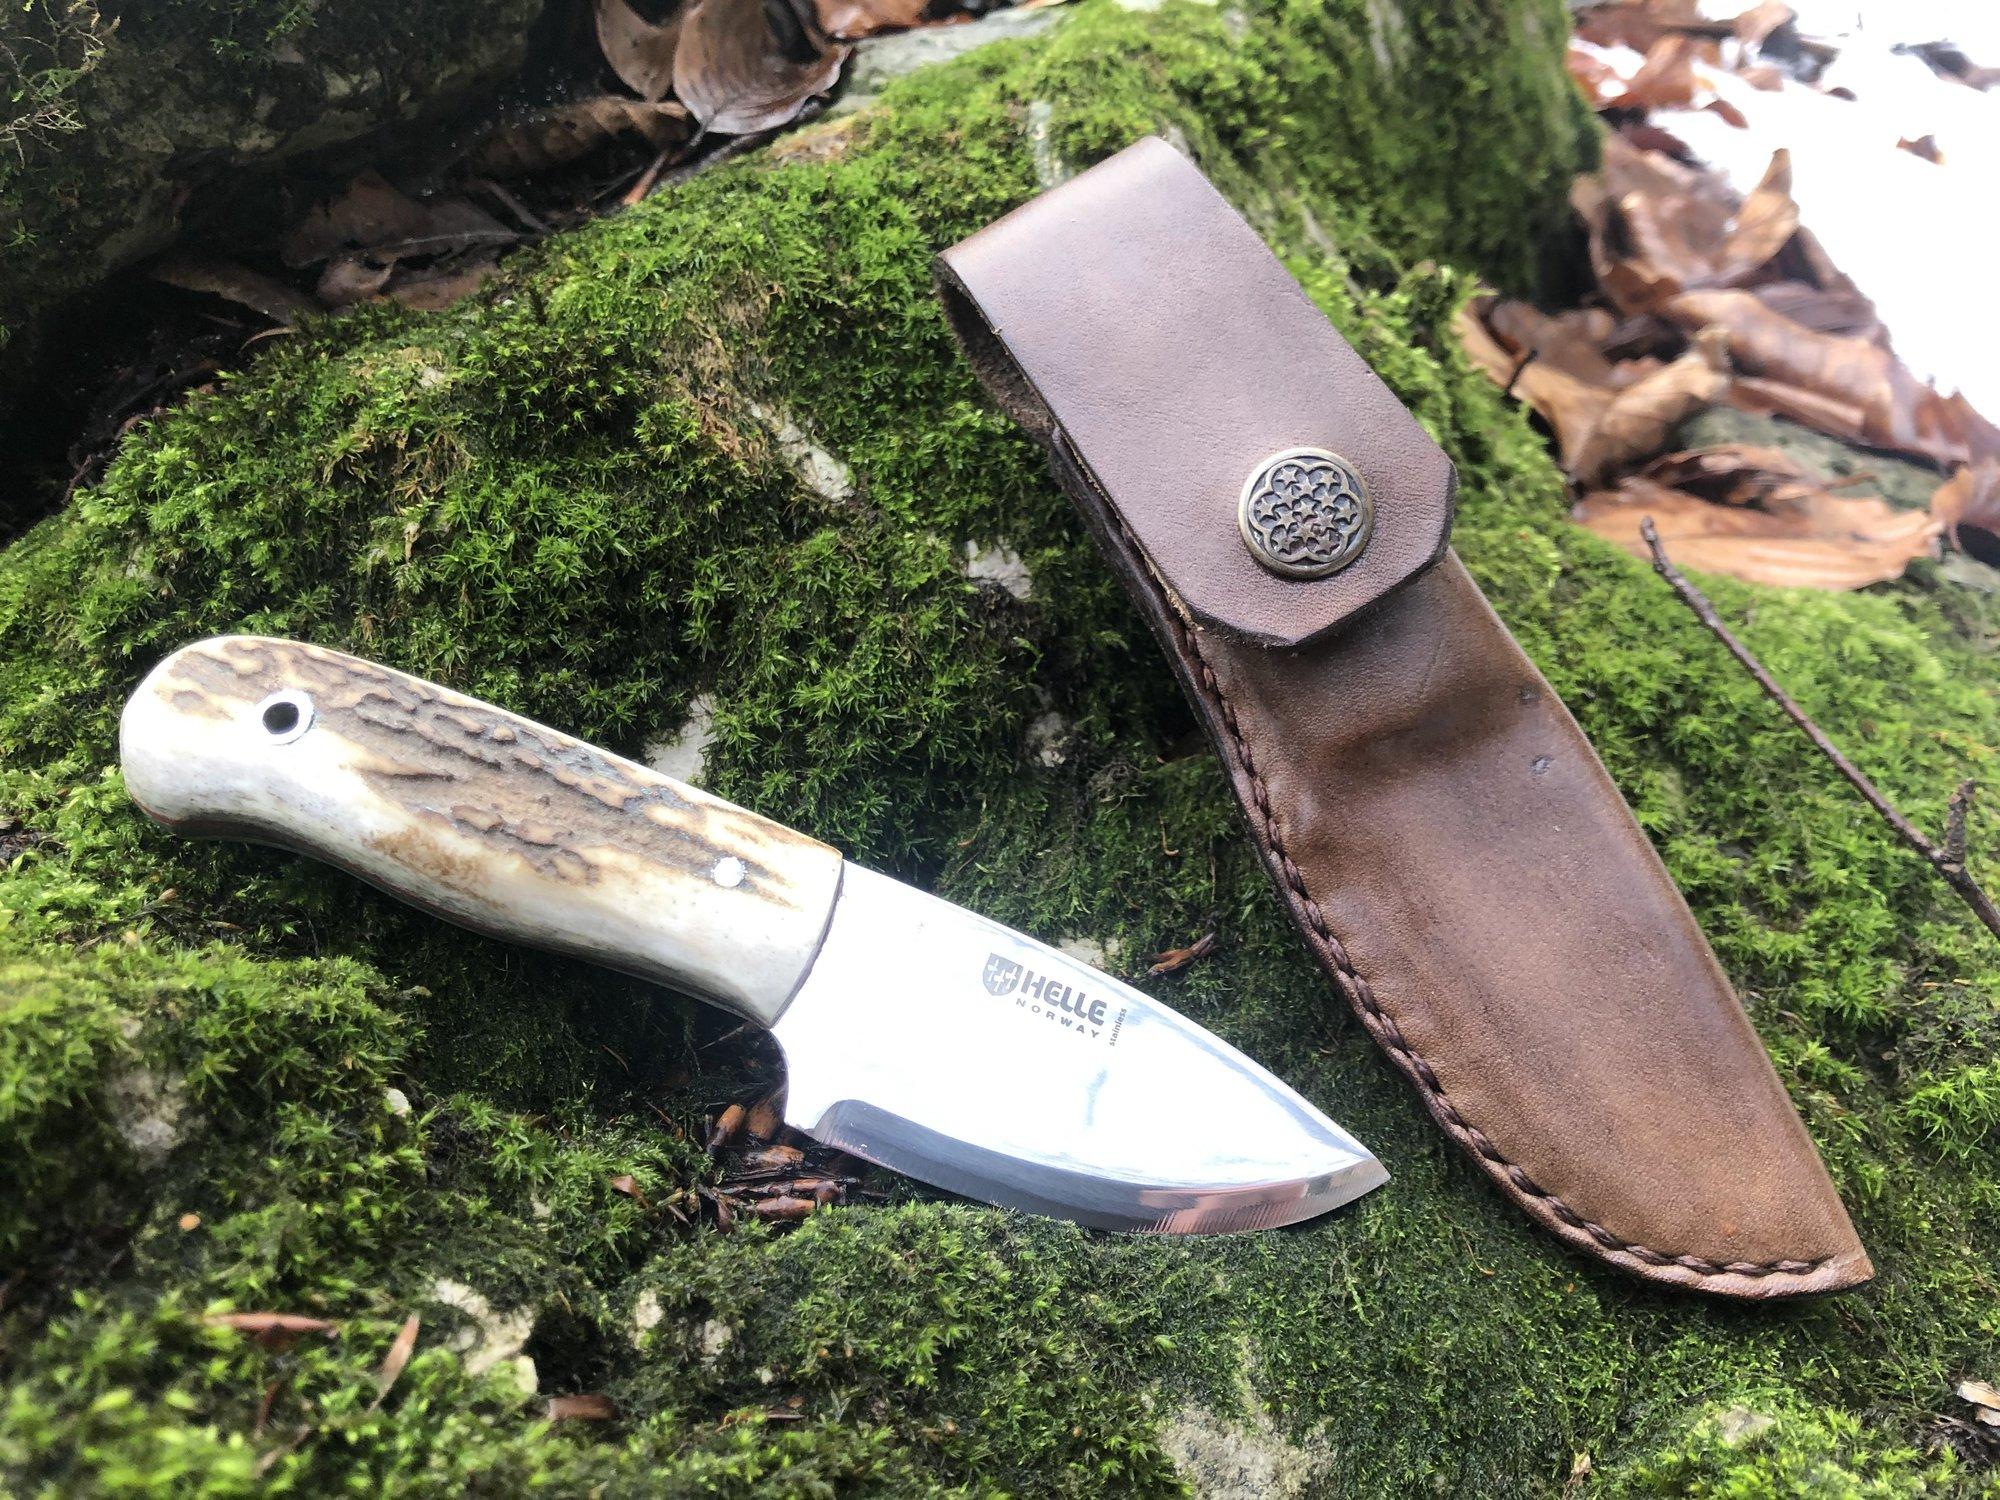 Poľovnícky nôž Helle Mandra paroh